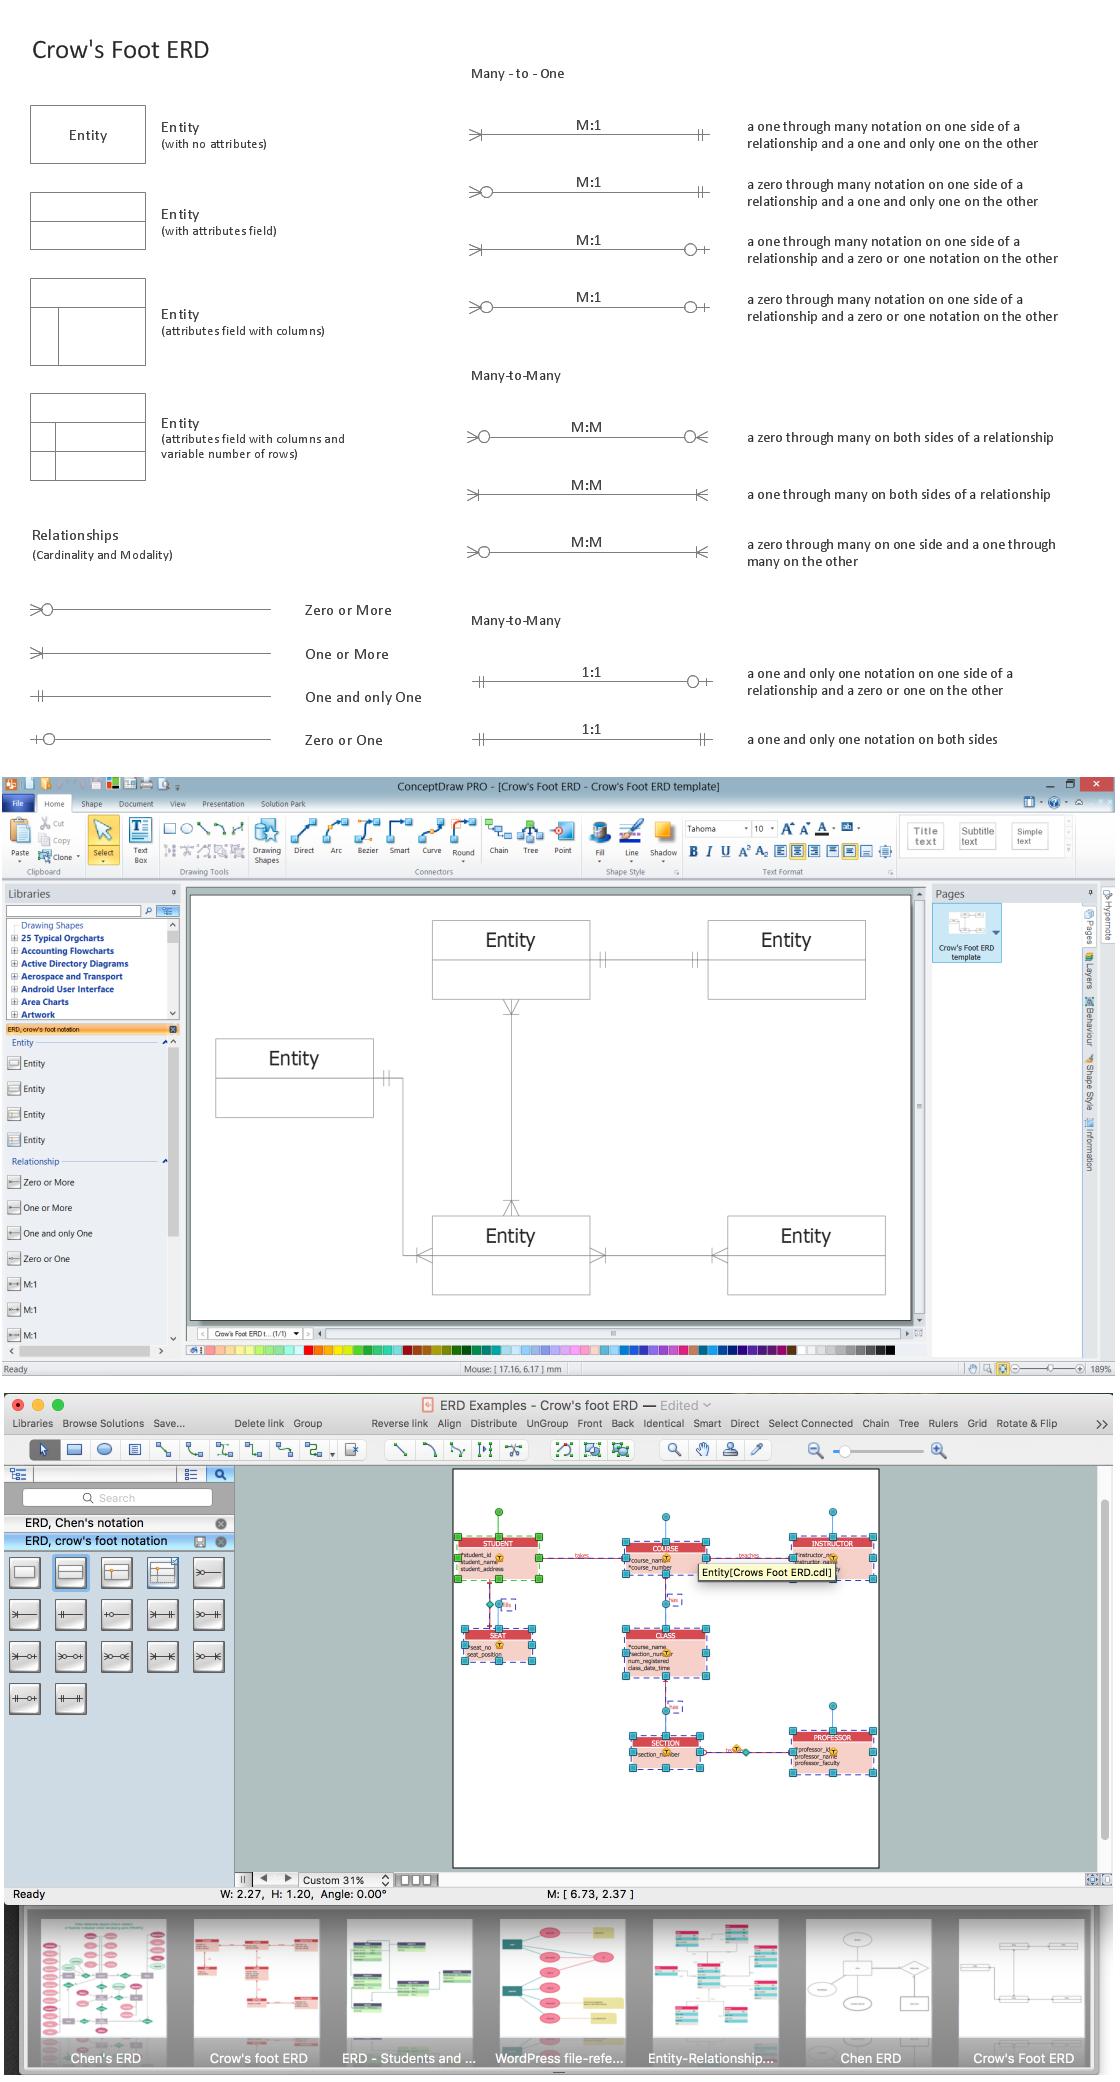 Entity Relationship Diagram - Erd - Software For Design